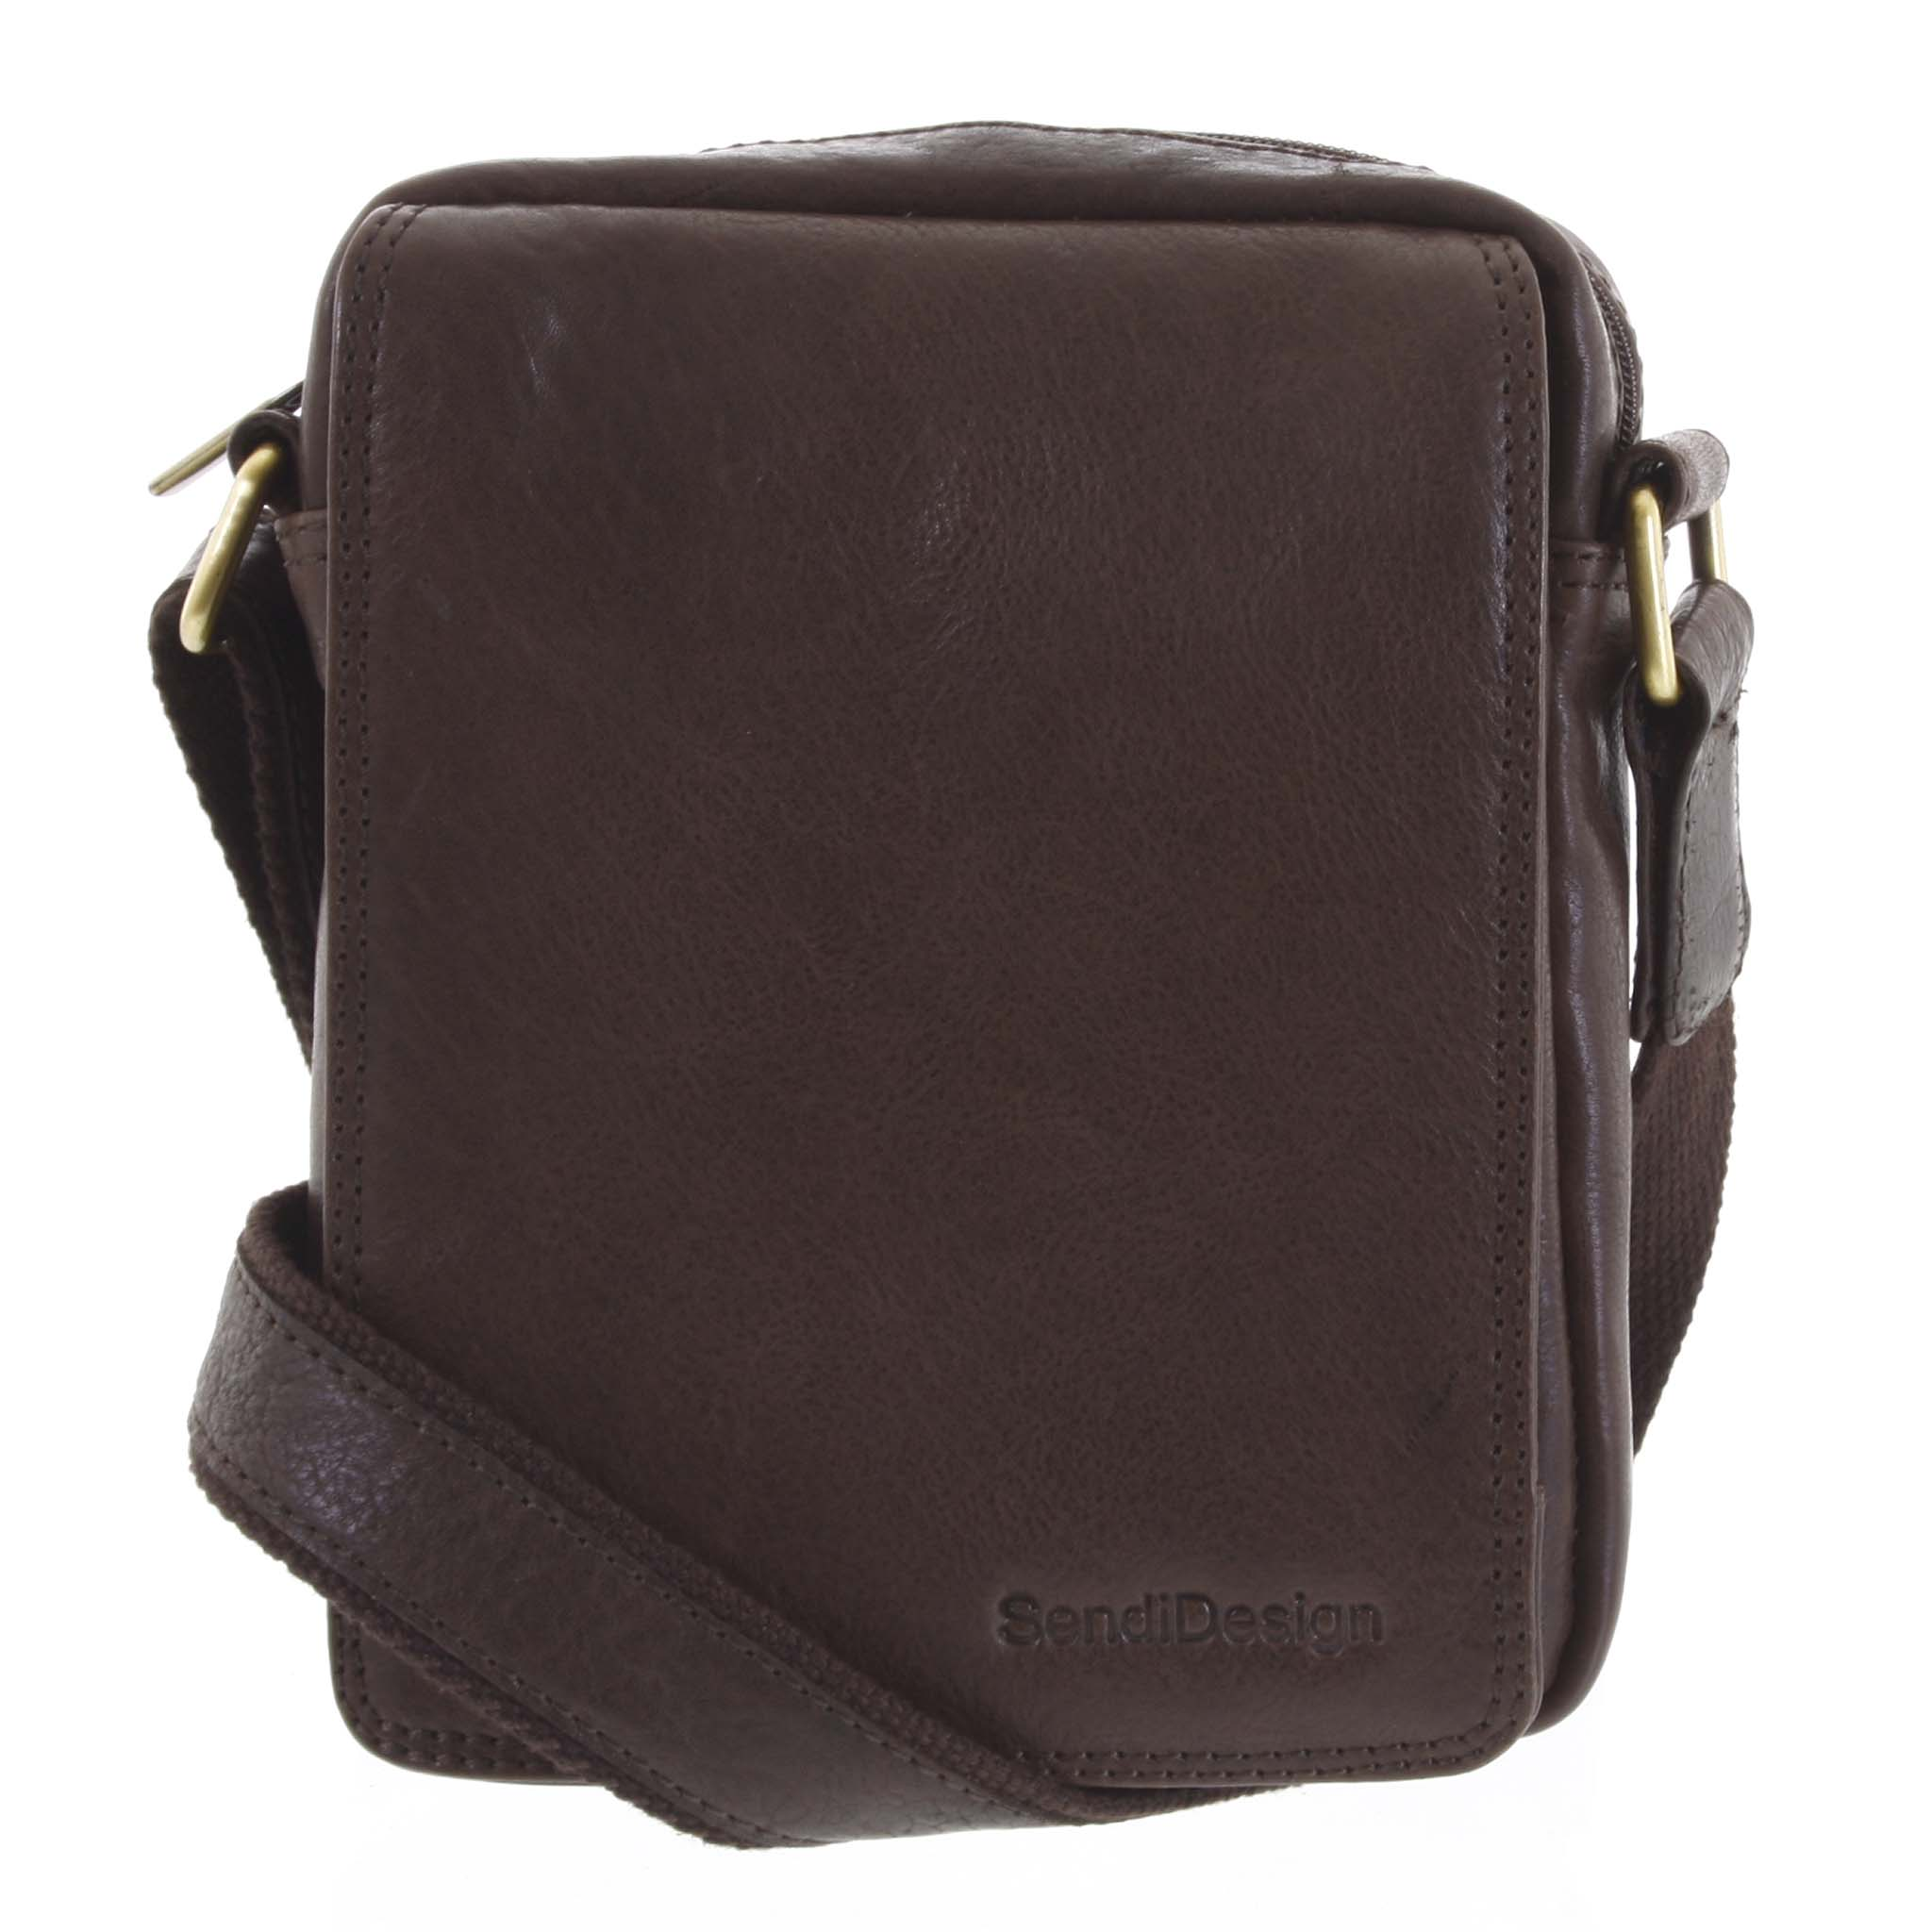 Pánska kožená taška tmavohnedá - SendiDesign Merlim